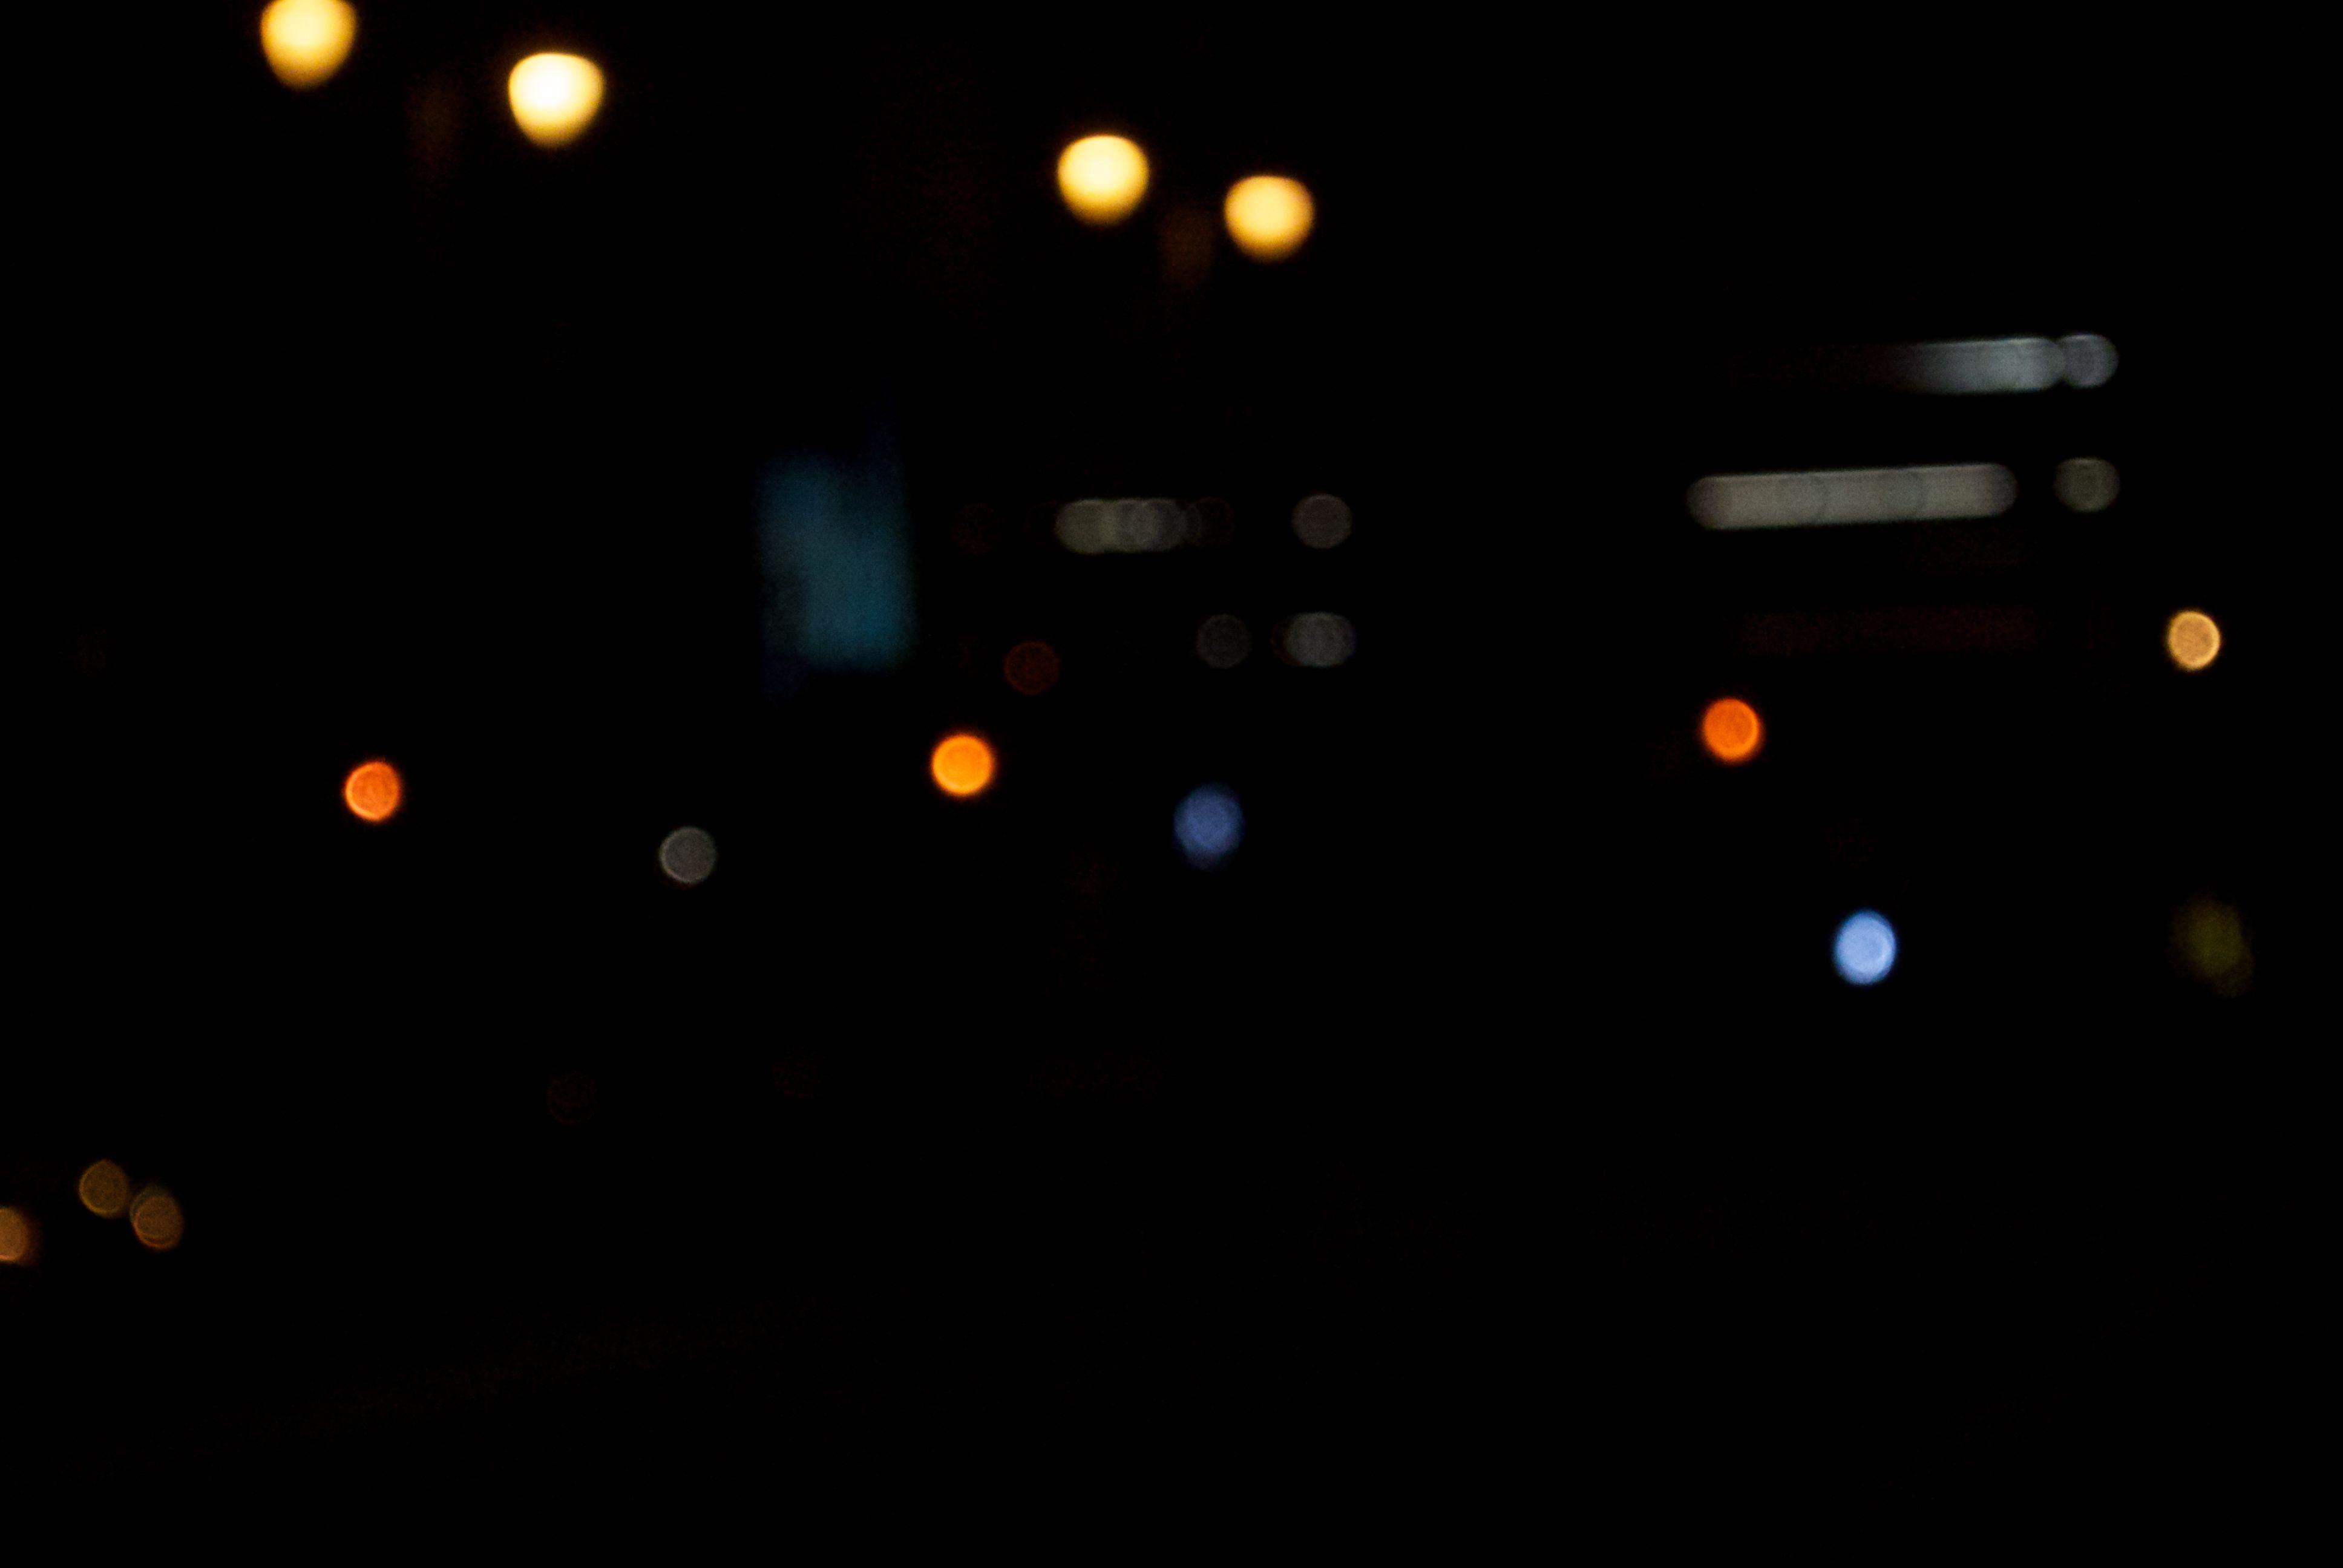 lights, night, street, blur